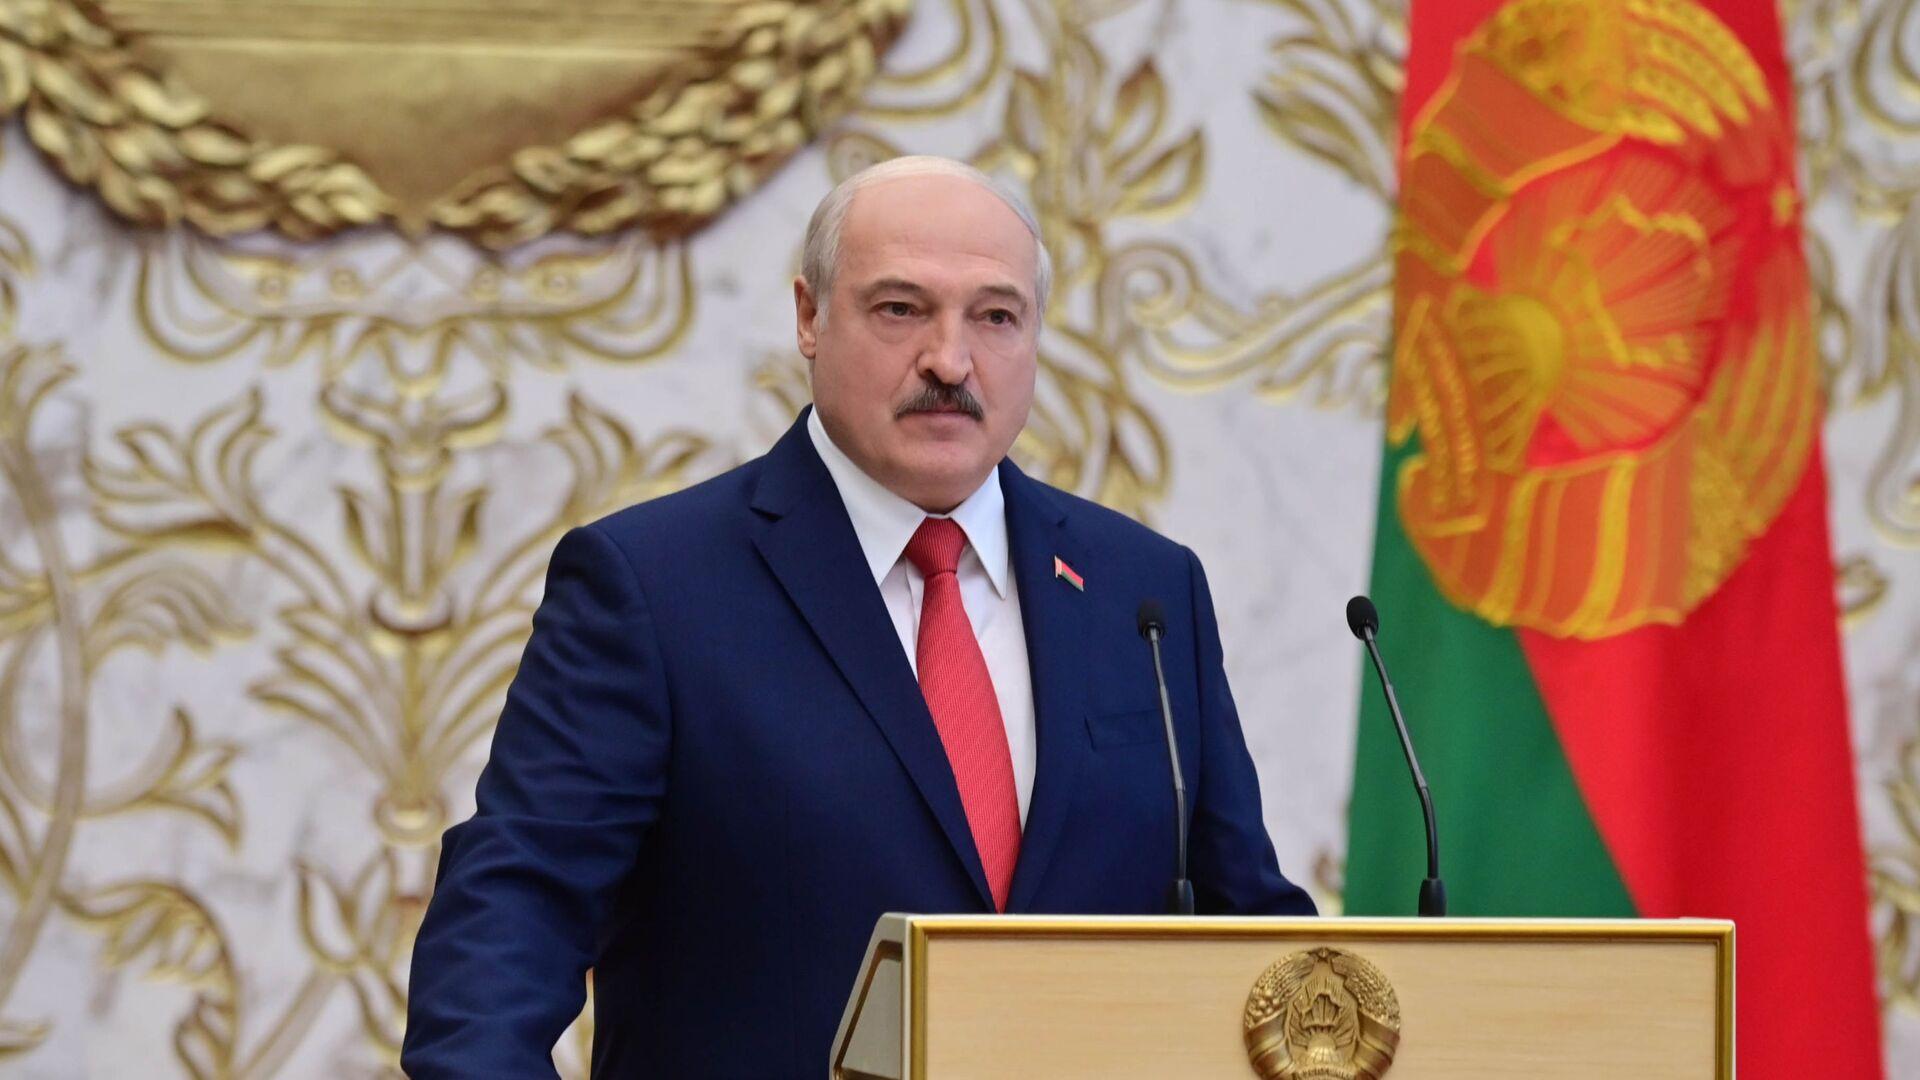 La investidura de Alexandr Lukashenko en Bielorrusia - Sputnik Mundo, 1920, 07.09.2021